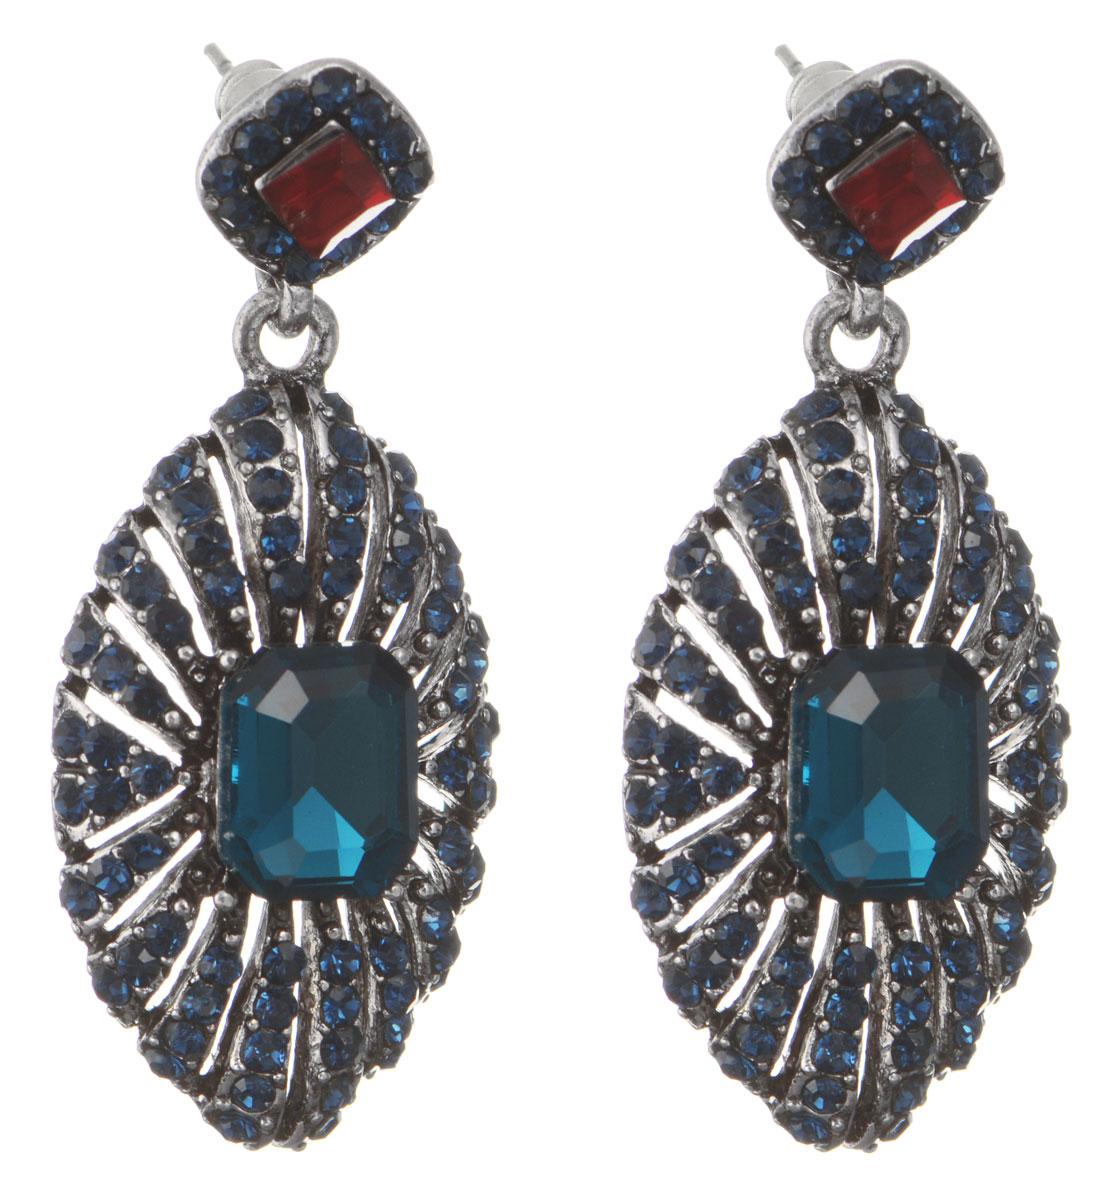 Серьги Taya, цвет: серебристый, синий. T-B-10556-EARR-D.BLUEСерьги с подвескамиОригинальные серьги Taya, выполненные из металлического сплава в виде подвесок овальной формы щедро декорированных крупными и мелкими стразами, придадут вашему образу изюминку, подчеркнут красоту или преобразят повседневный наряд. Застегиваются на замок-гвоздик с пластиковой заглушкой.Такие серьги позволит вам с легкостью воплотить самую смелую фантазию и создать собственный, неповторимый образ.